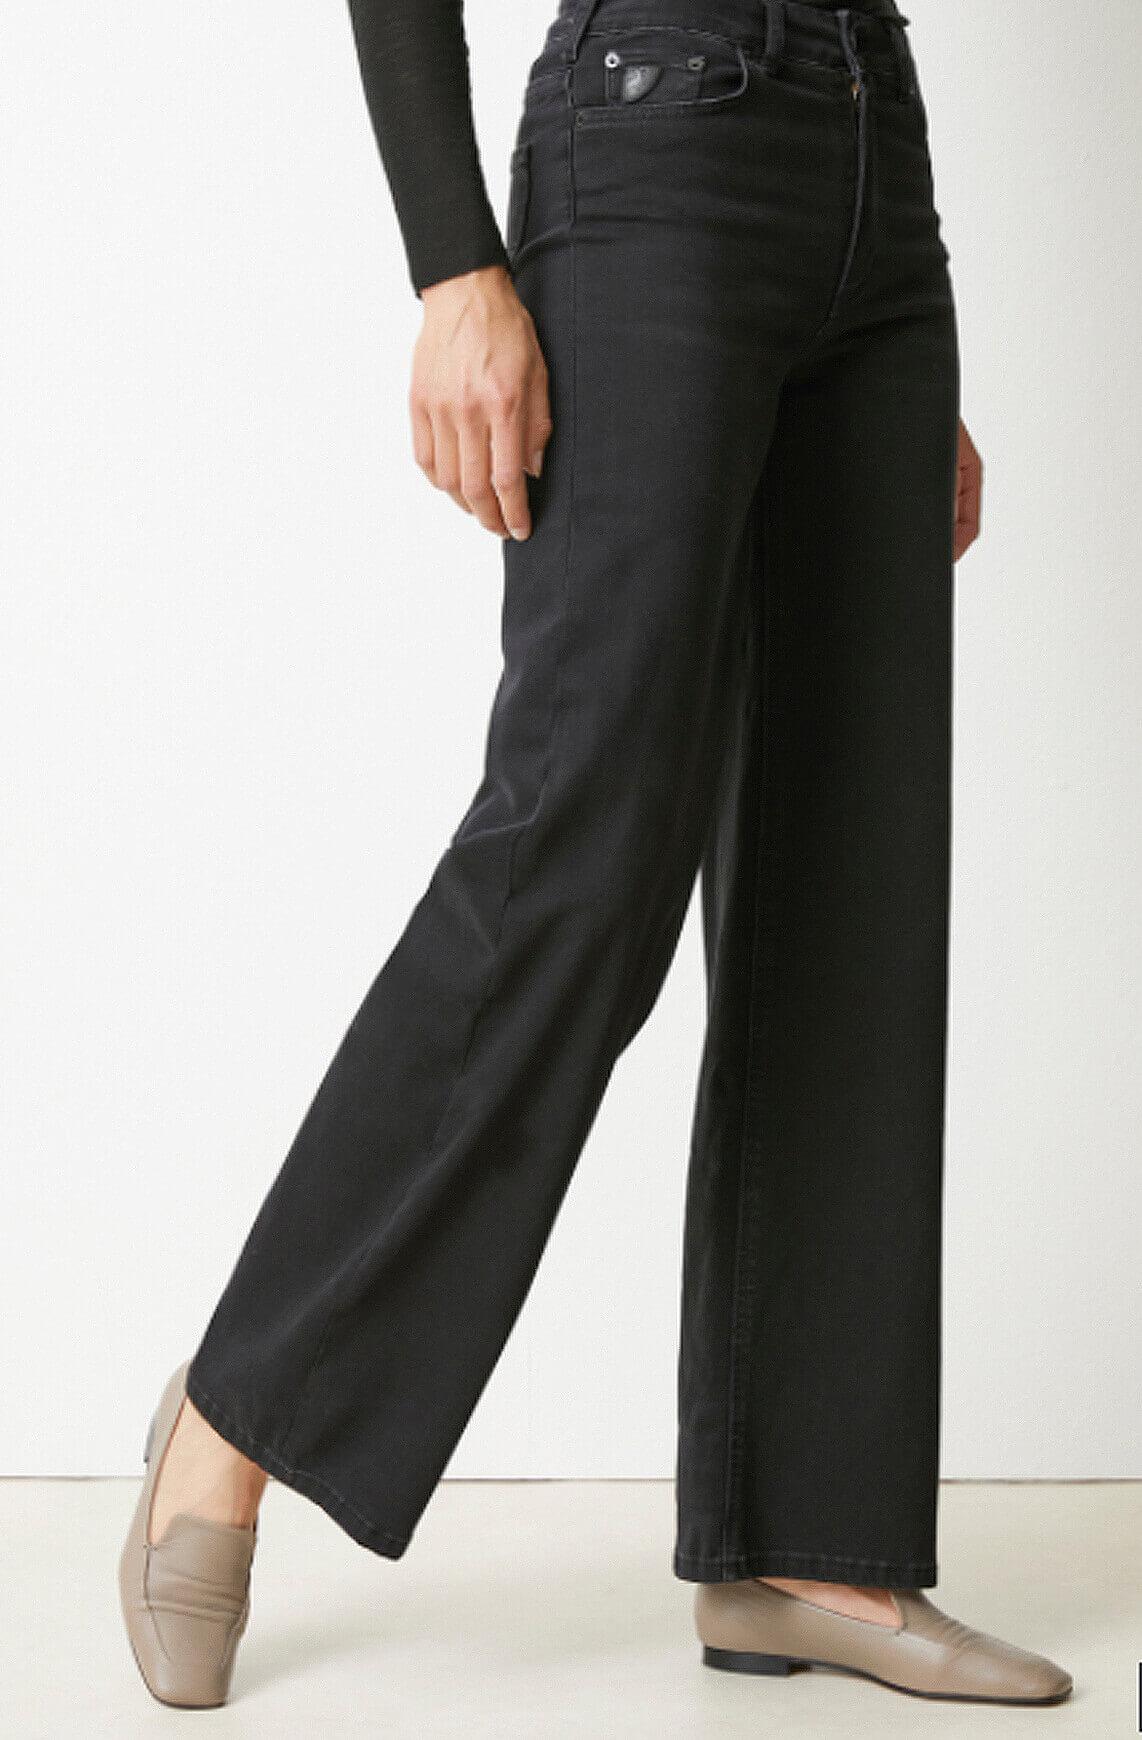 Lois Dames L32 Jossie jeans zwart